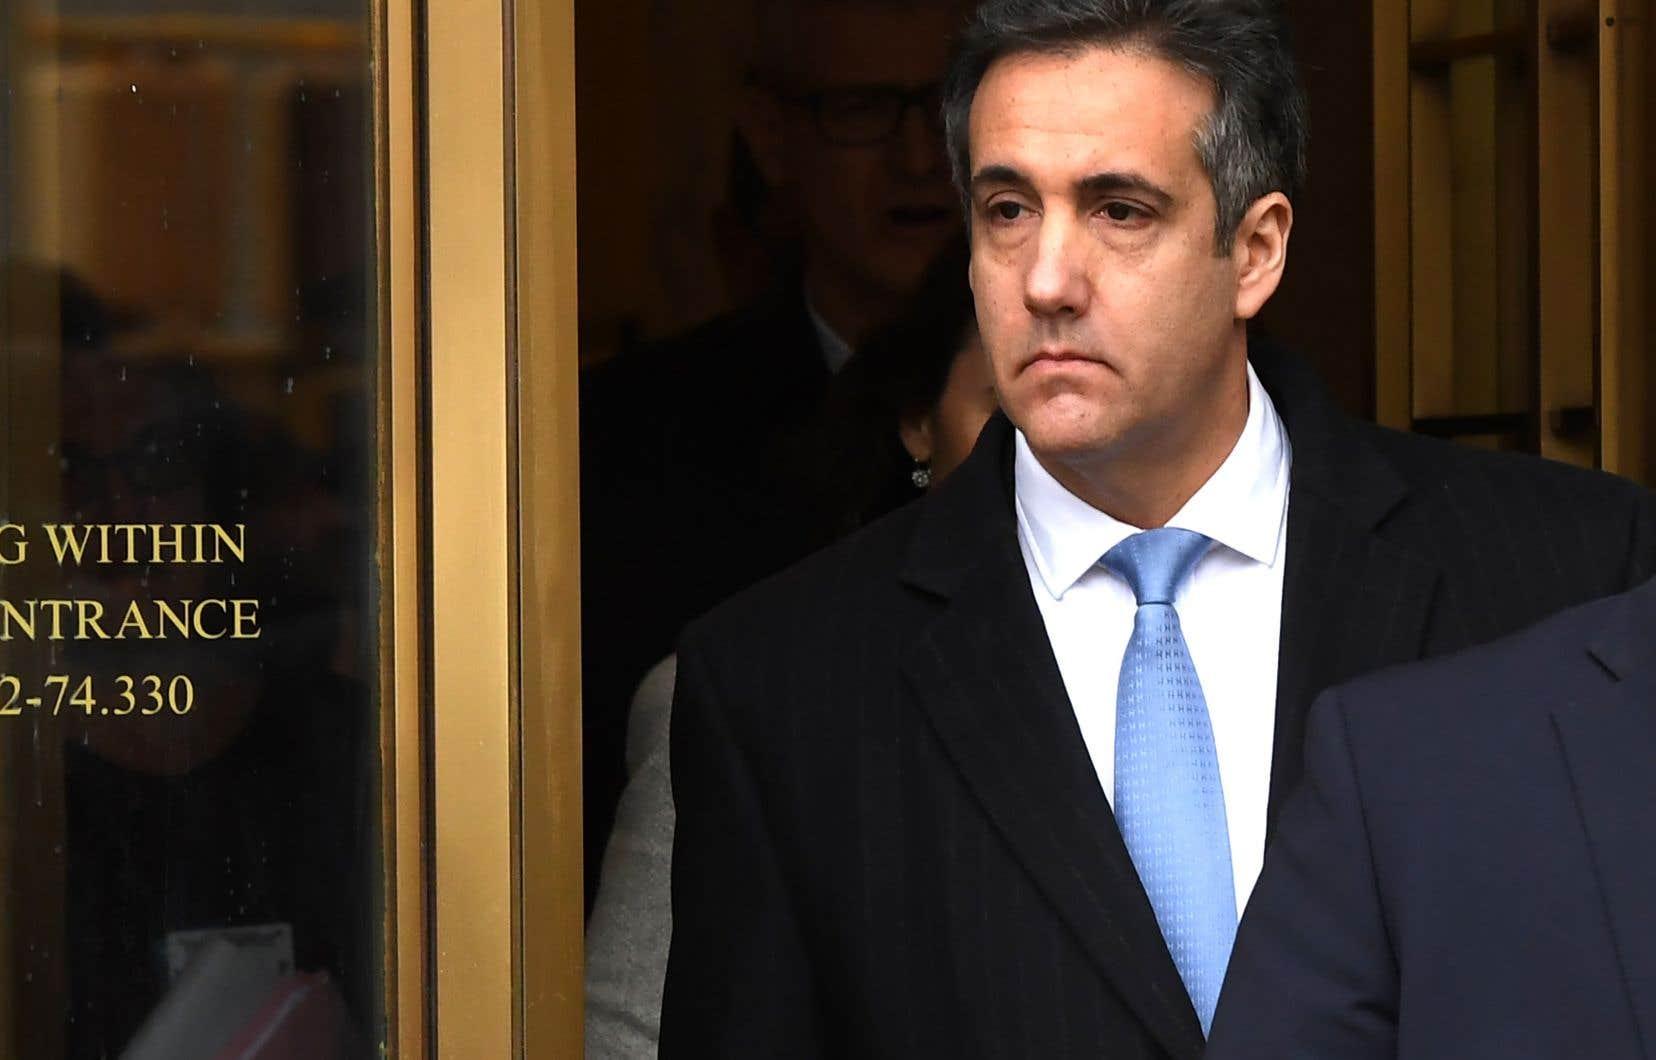 L'ex-avocat personnel de Donald Trump, Michael Cohen